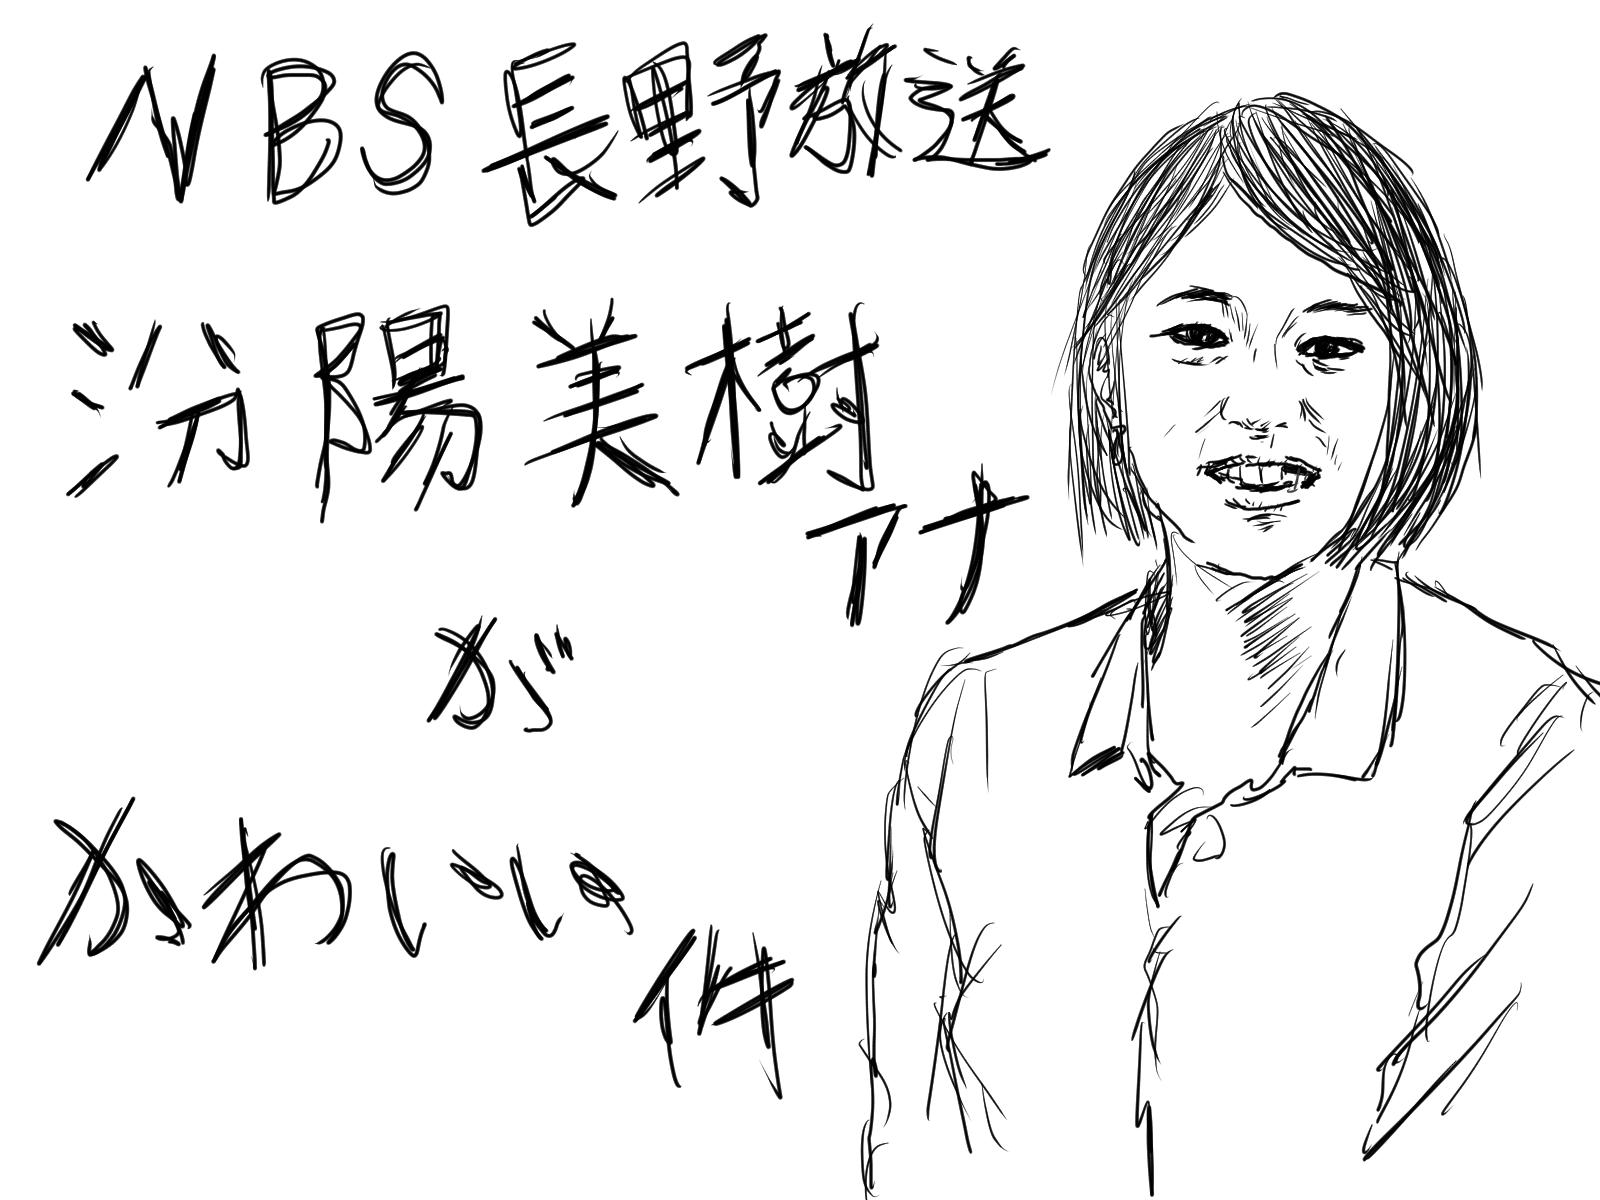 【NBS長野放送】汾陽美樹アナウンサーがかわいい件